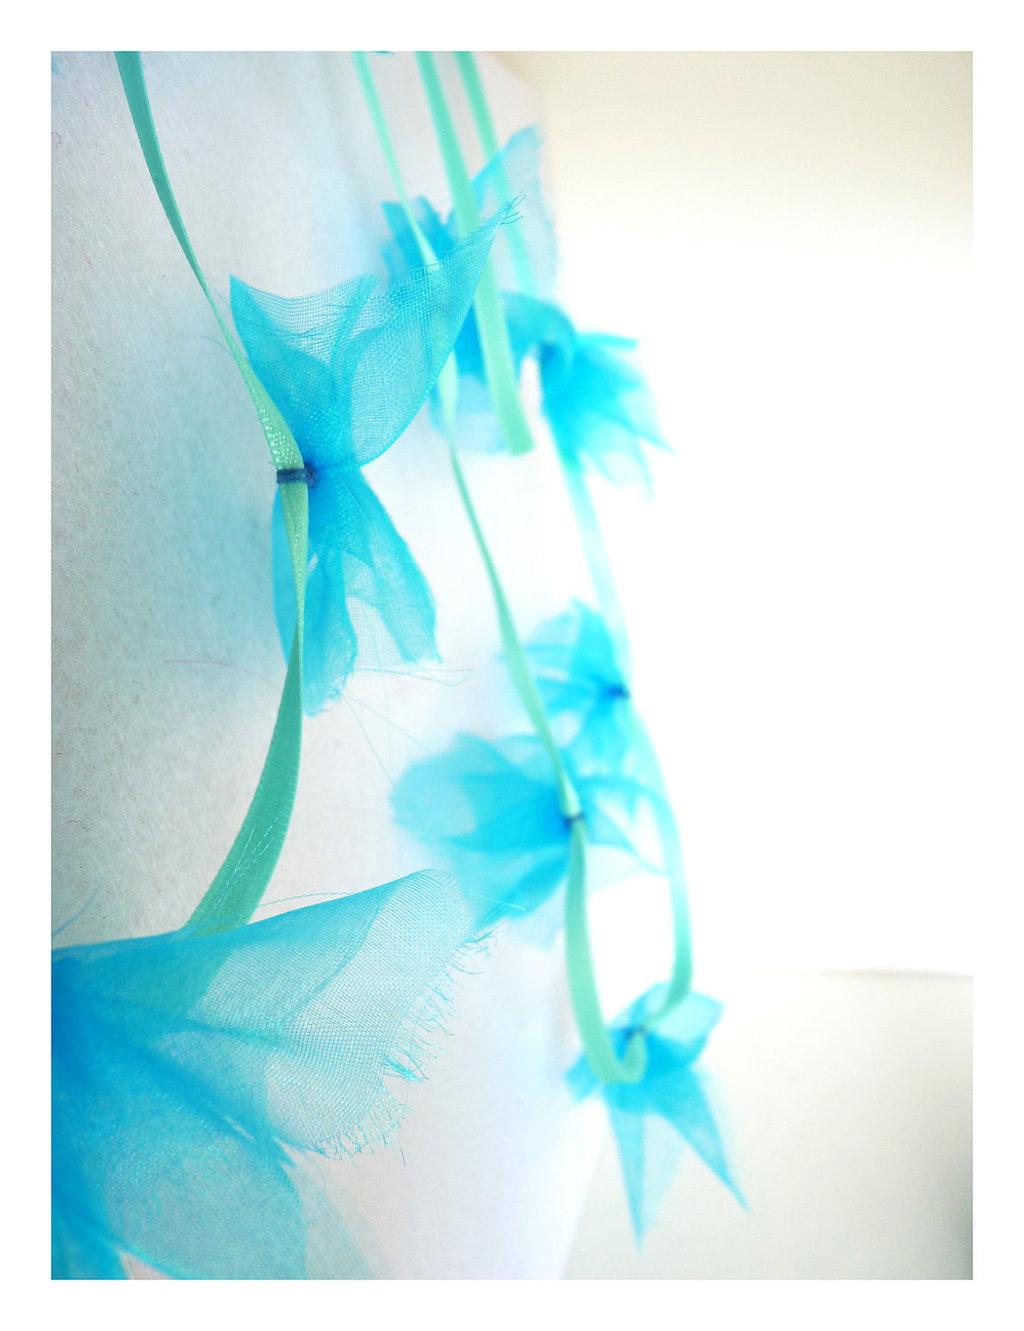 Aqua-seafoam-wedding-garland-decor-whimsical-etsy-weddings.full